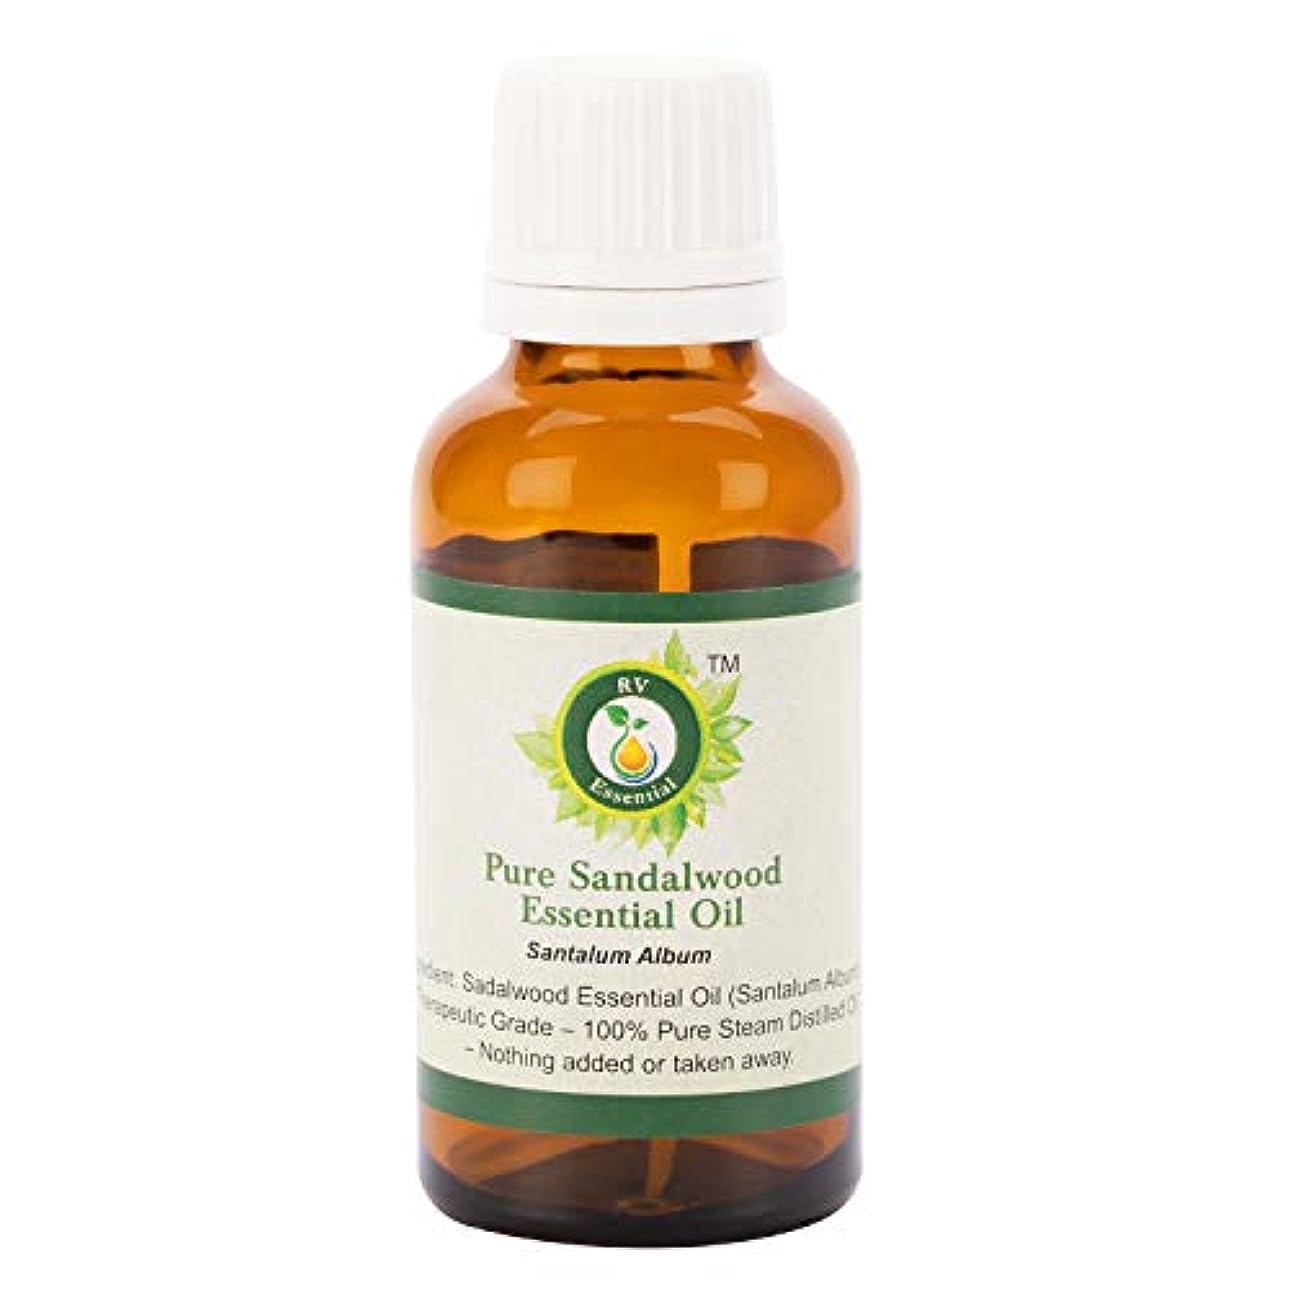 教科書タフ傀儡ピュアサンダルウッドエッセンシャルオイル100ml (3.38oz)- Santalum Album (100%純粋&天然スチームDistilled) Pure Sandalwood Essential Oil